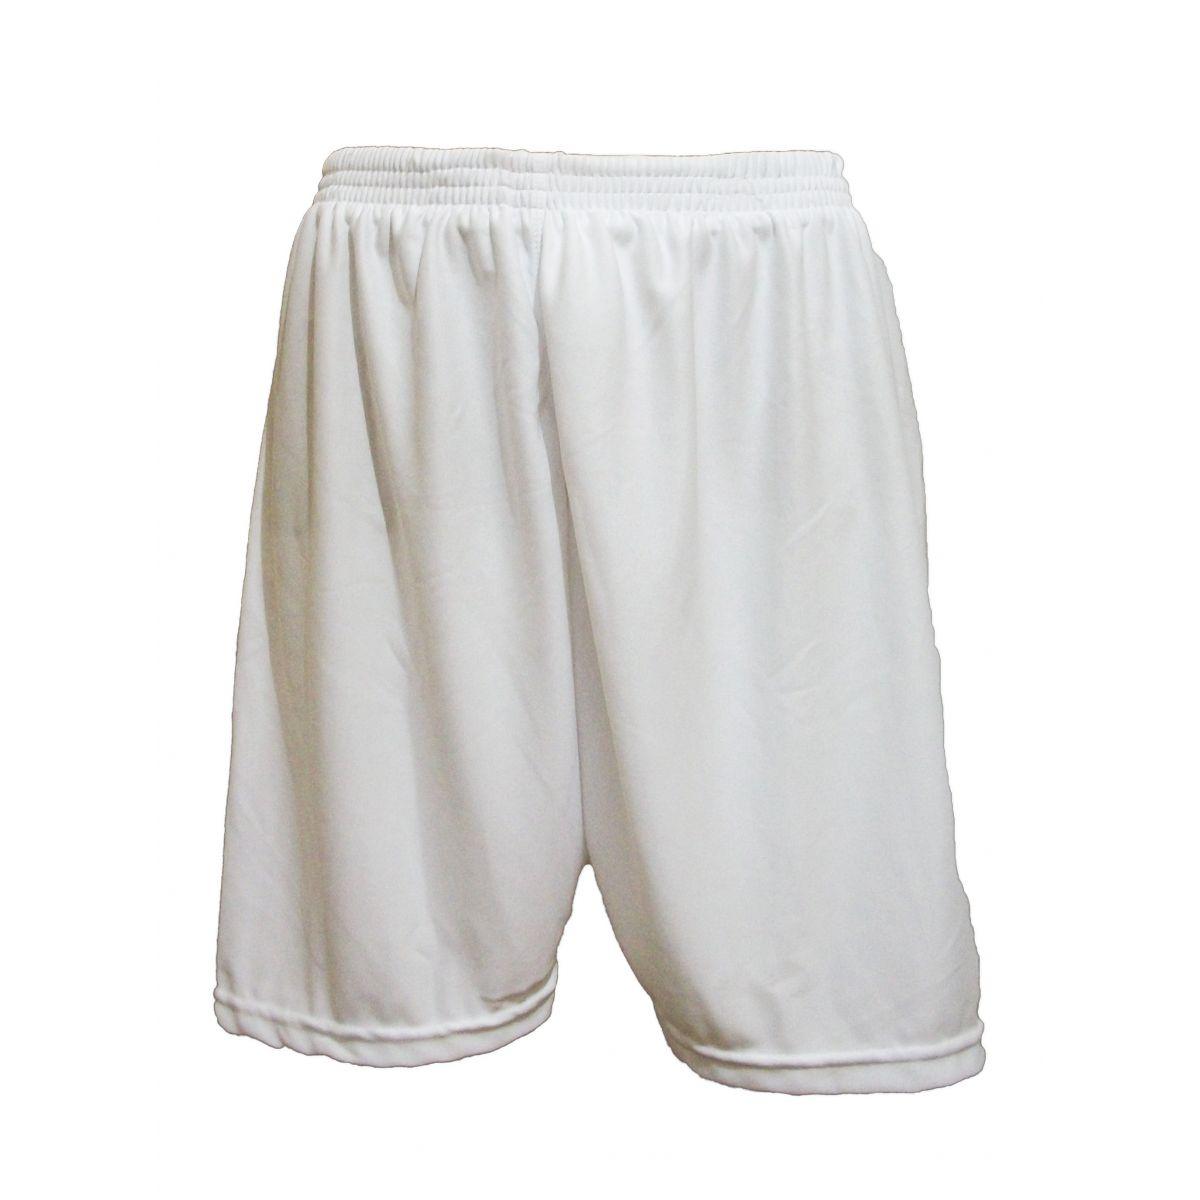 Uniforme Esportivo com 14 camisas modelo Sporting Branco/Vermelho + 14 calções modelo Madrid Branco + Brindes